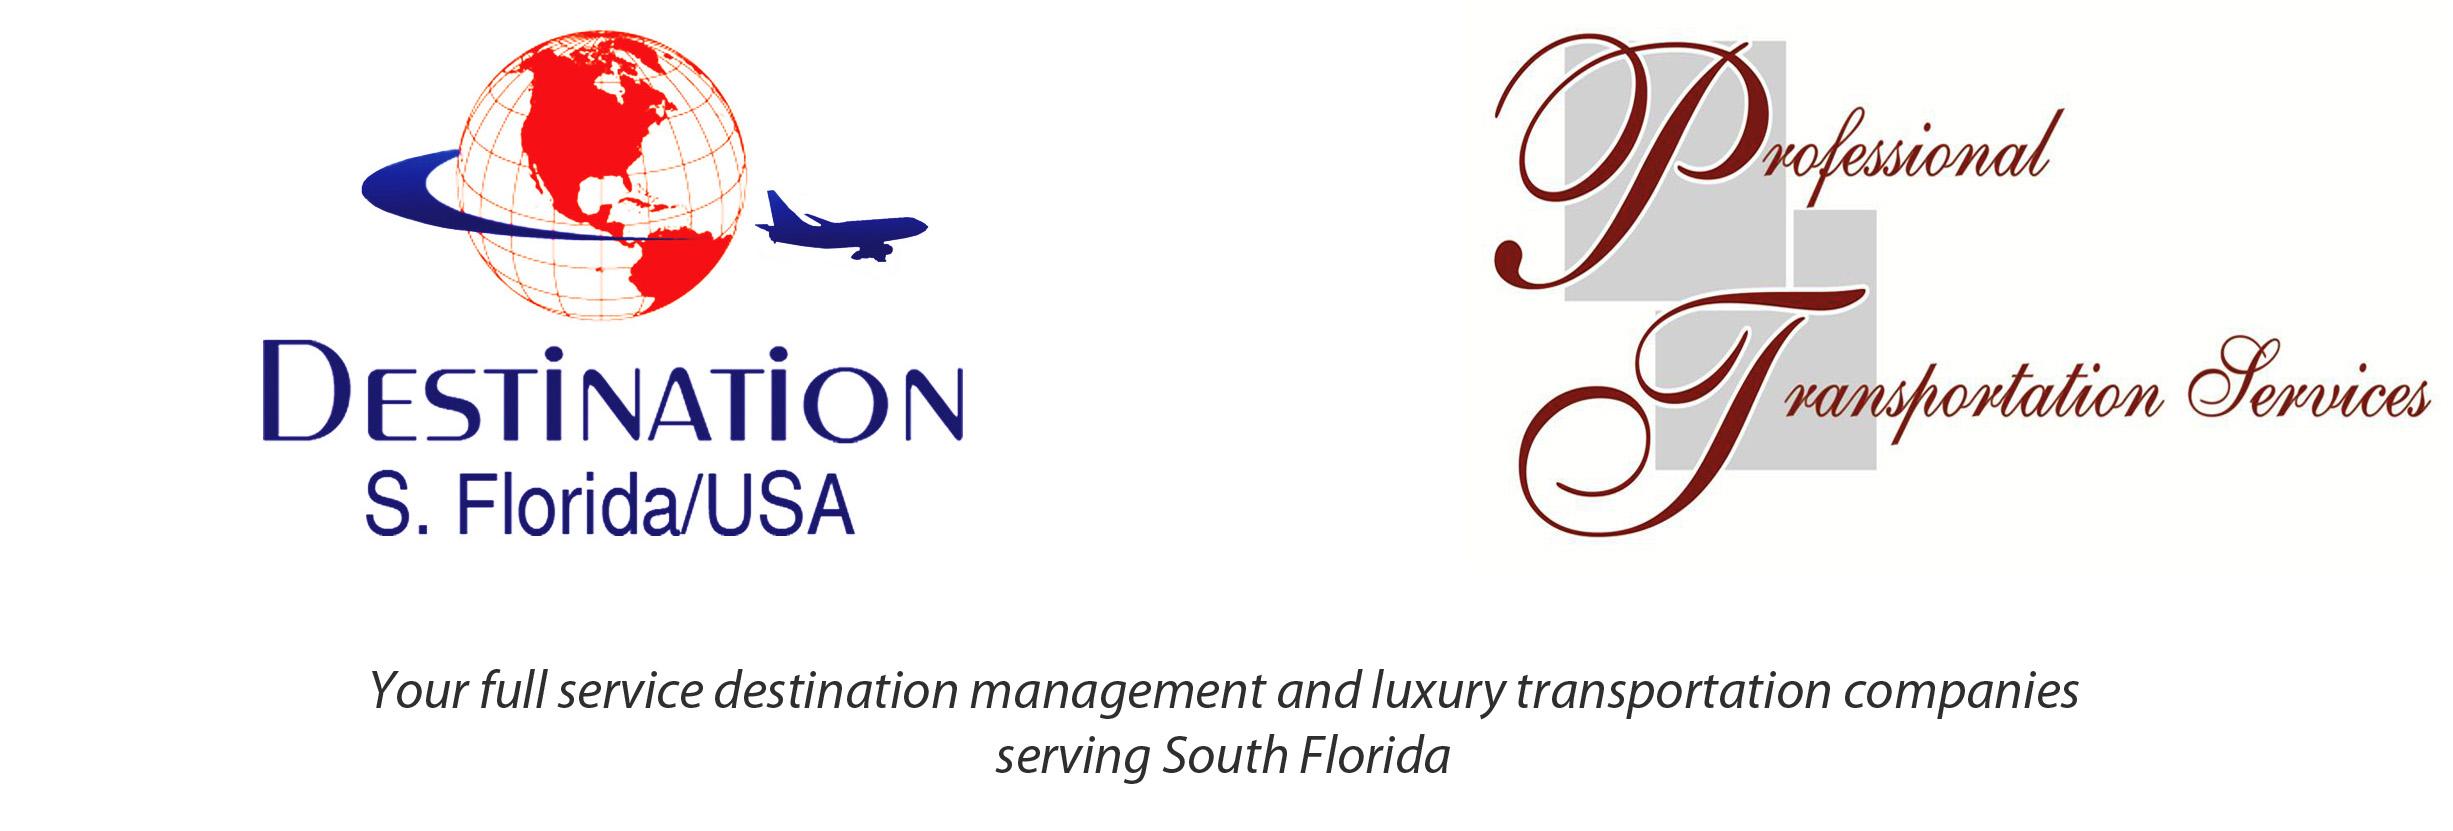 Destination S. Florida/USA